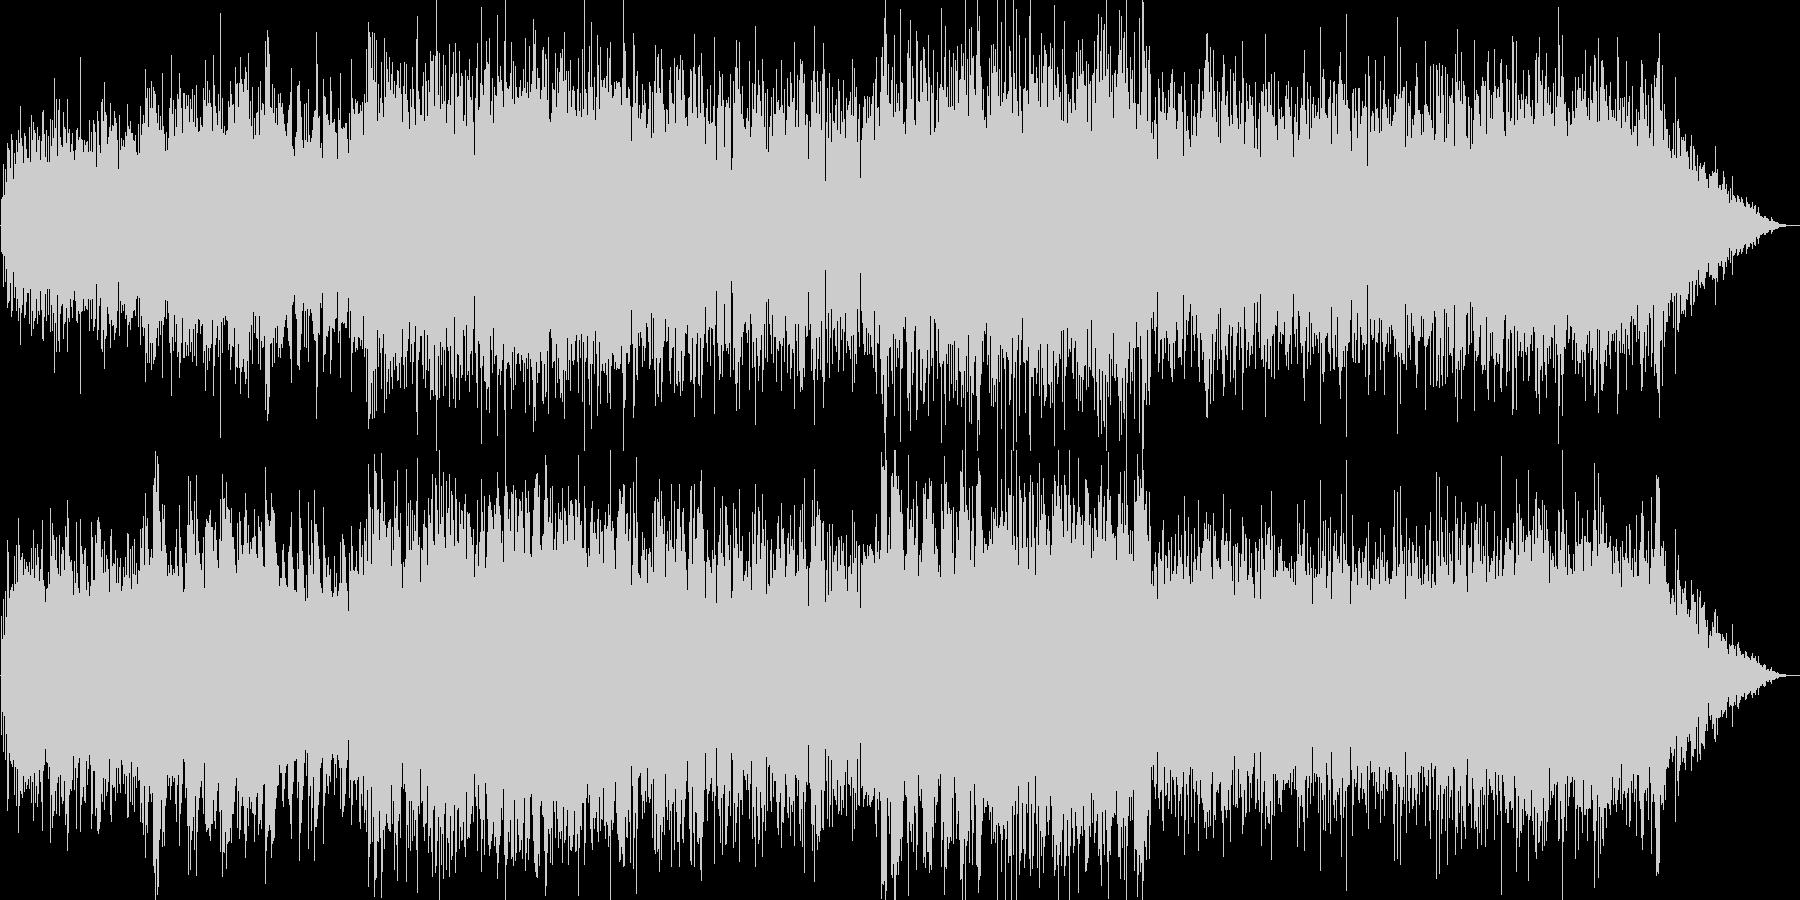 ピアノとエレピのジャズバラード楽曲の未再生の波形